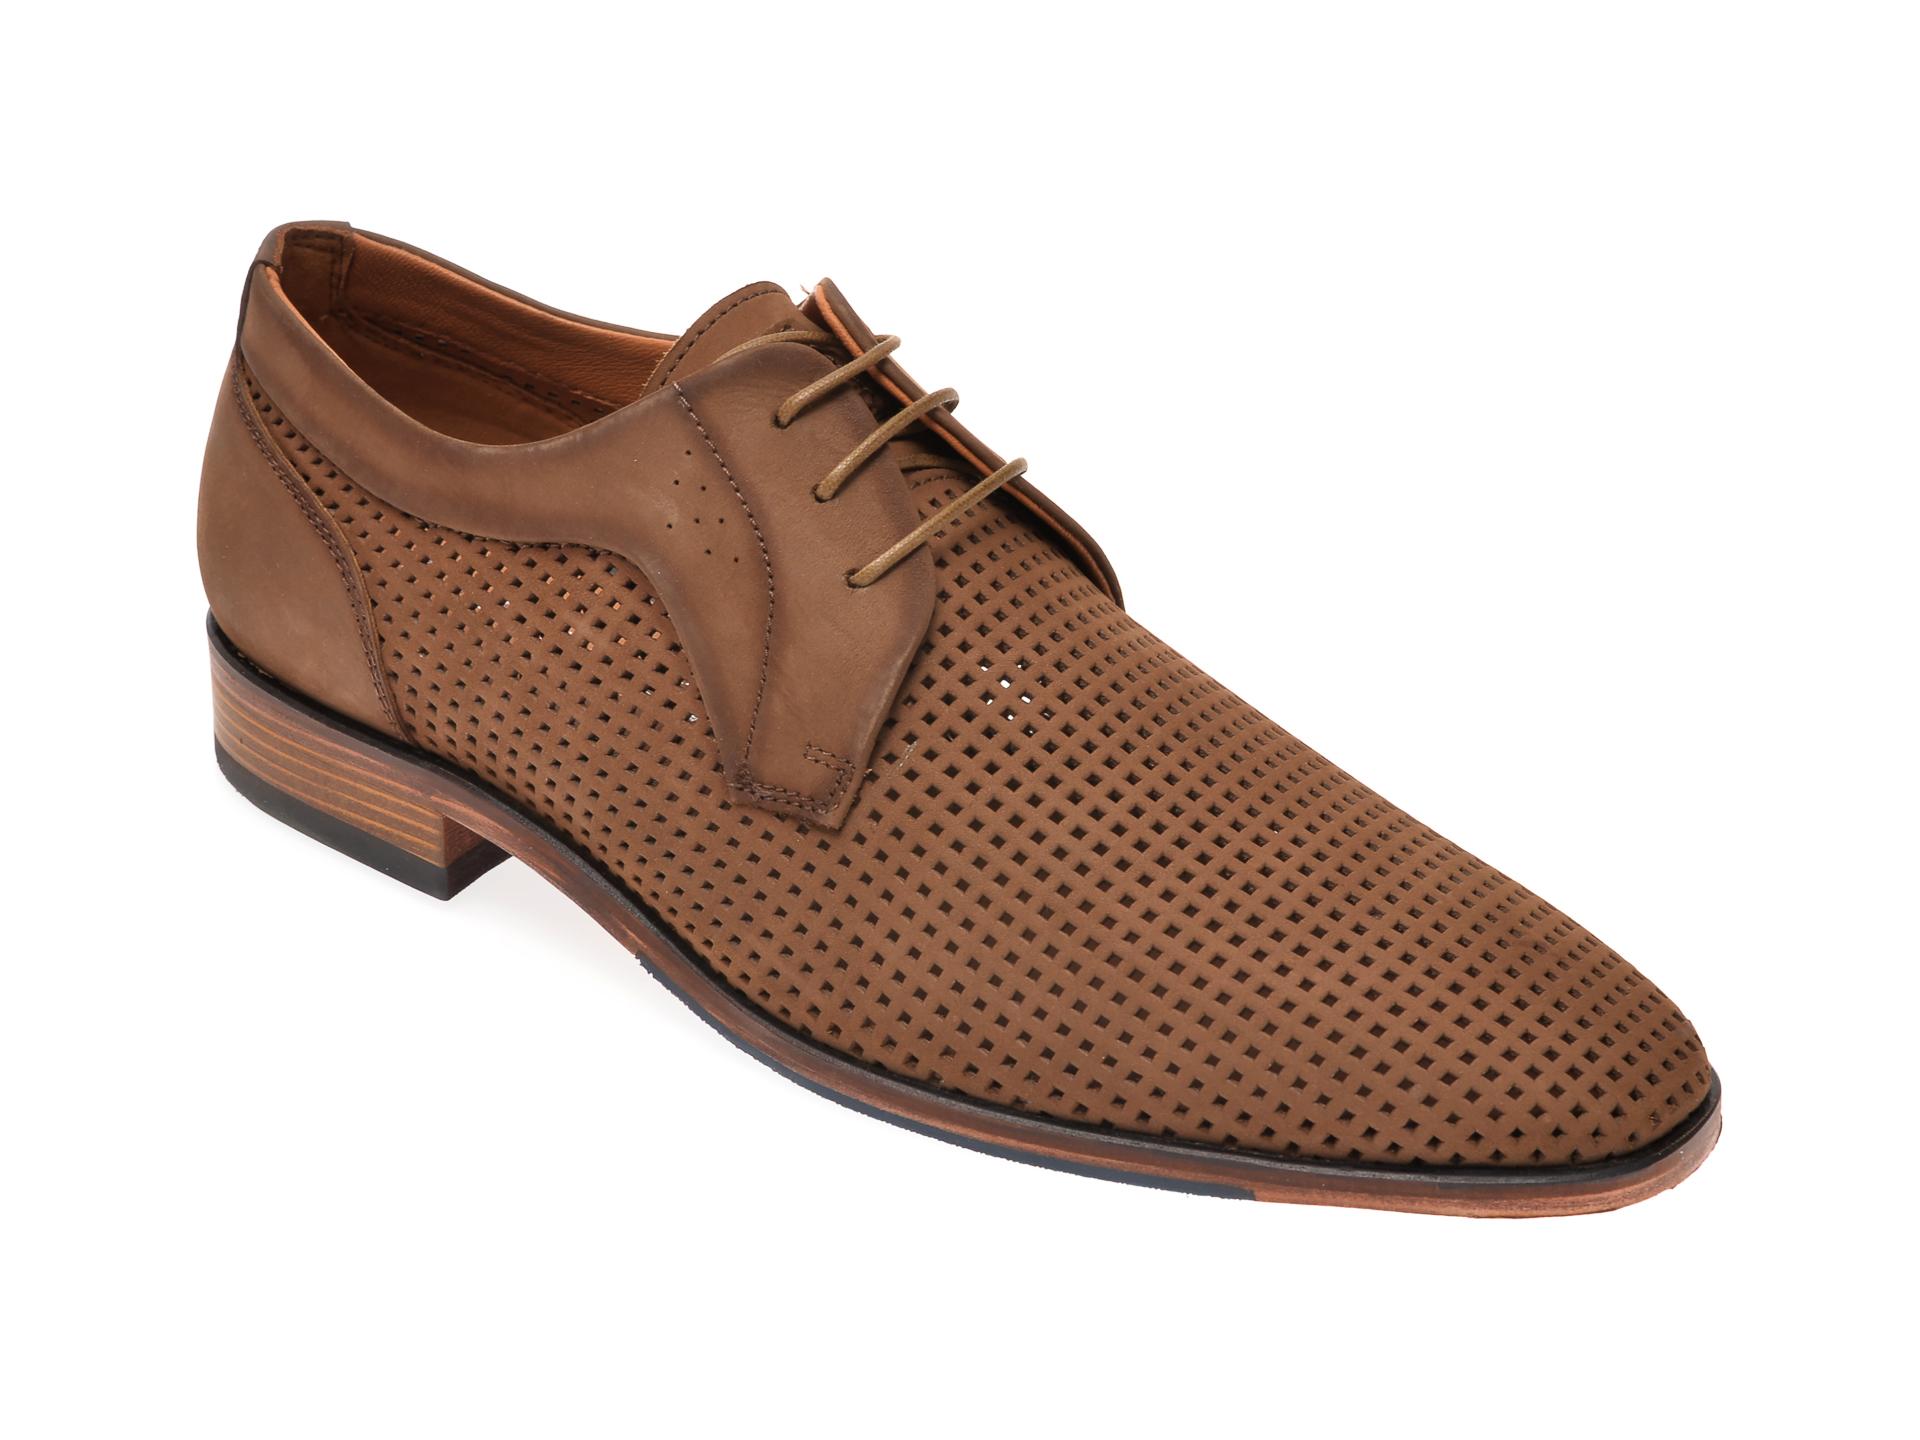 Pantofi SALAMANDER taupe, 57418, din piele intoarsa imagine